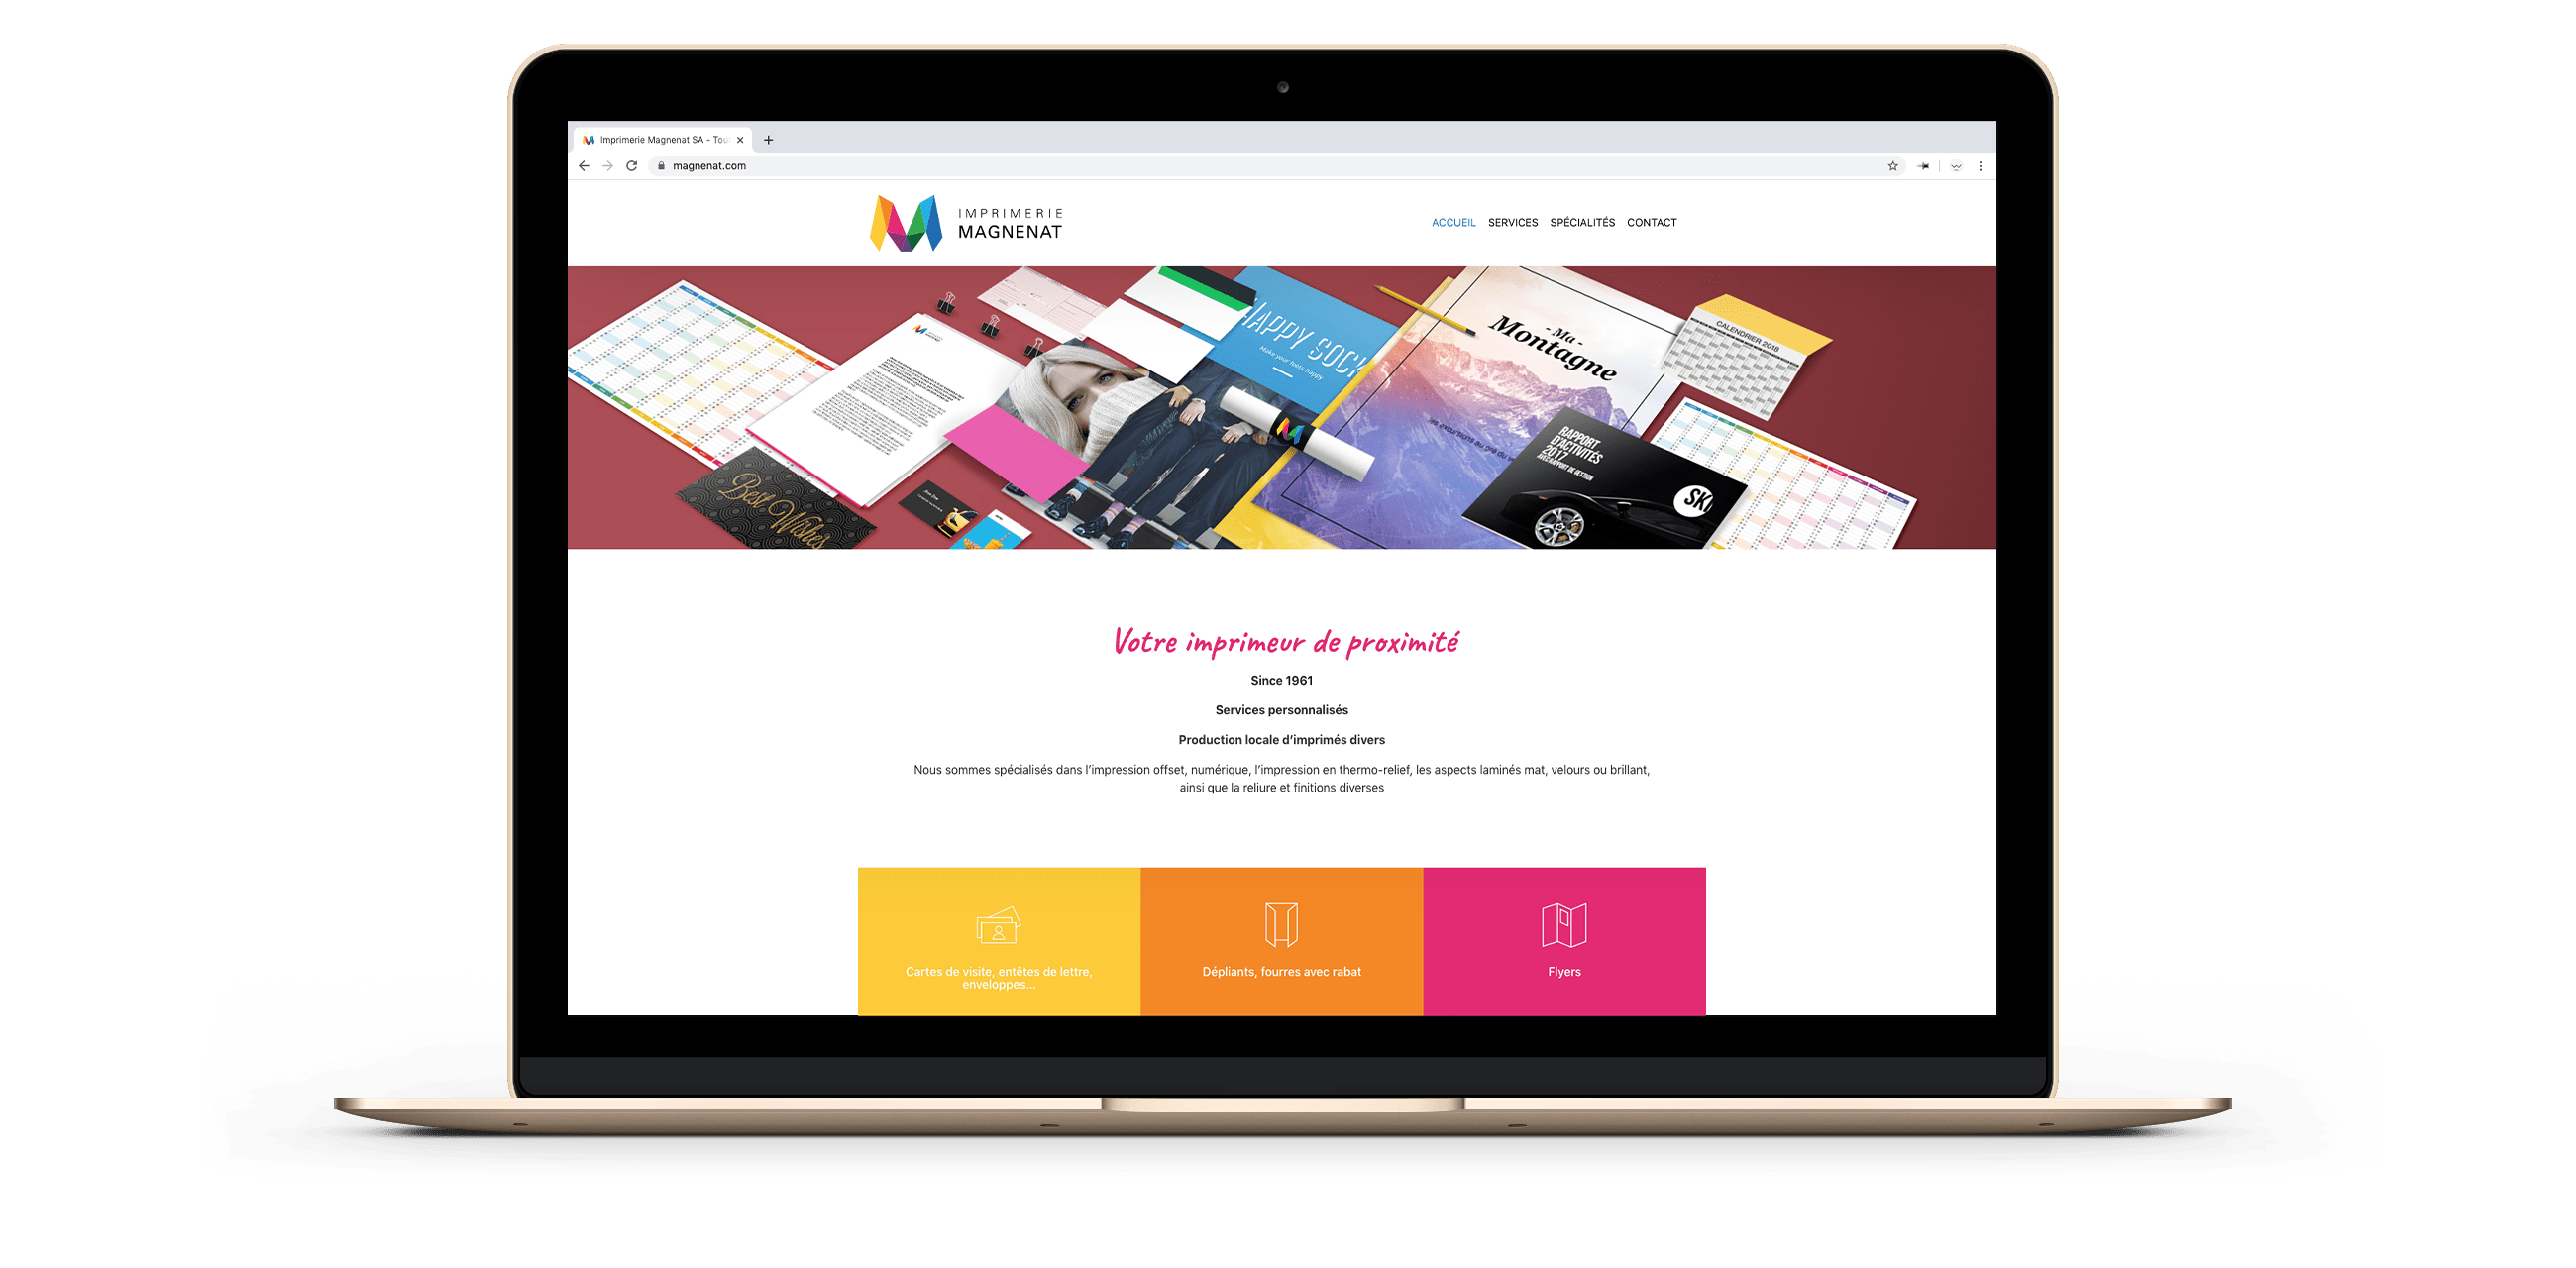 Site web magnenat sur un ordinateur, ici la page d'accueil.